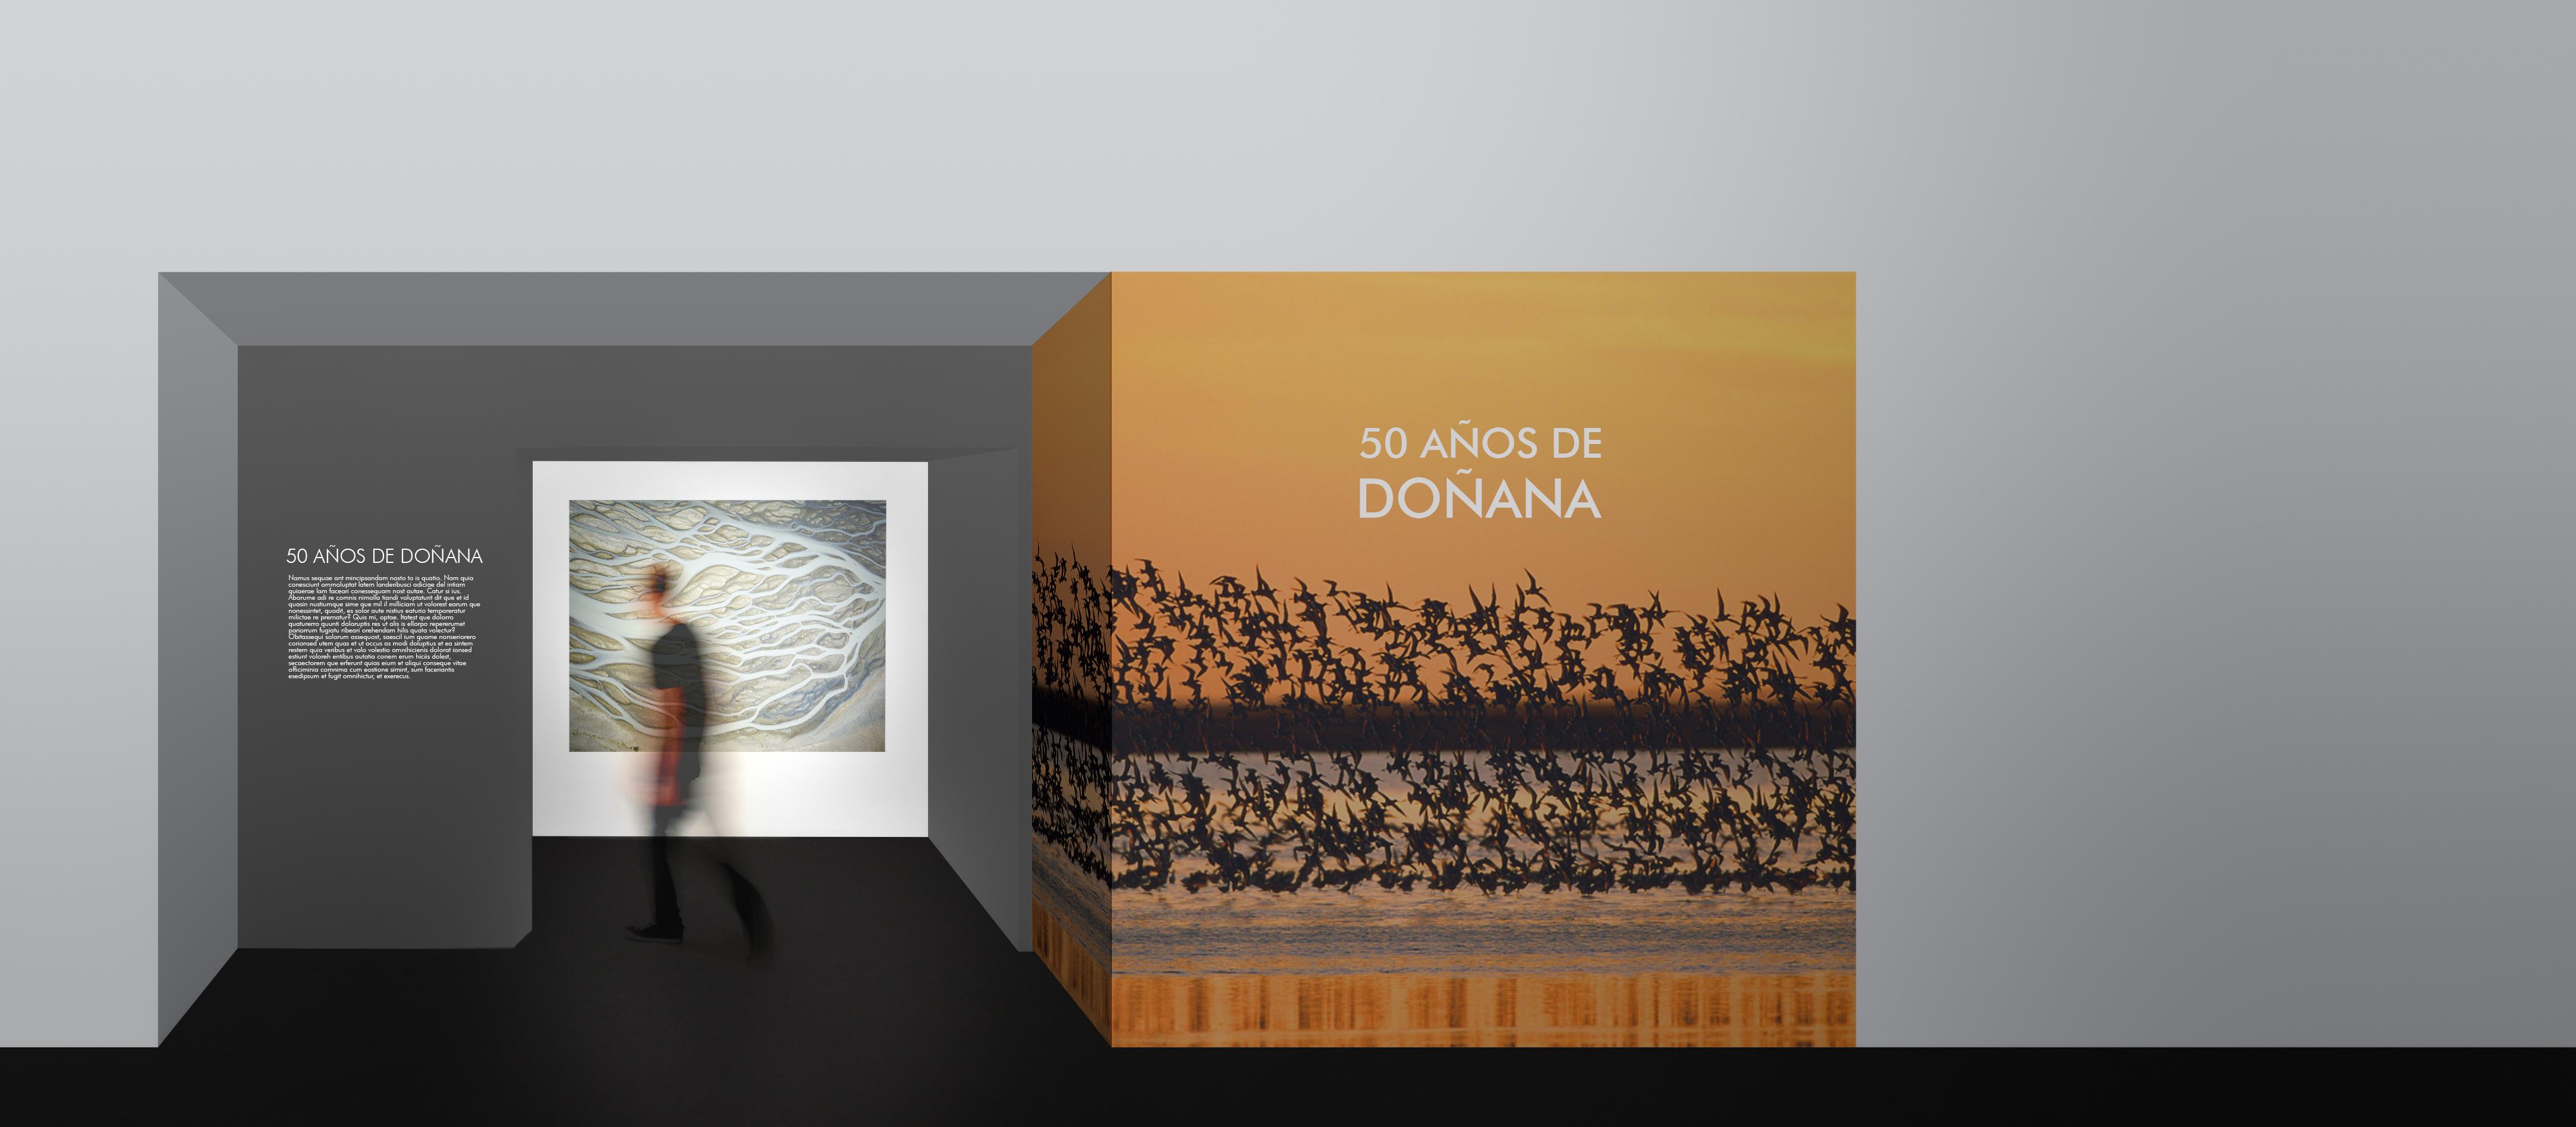 50 años de Doñana - David Guillén